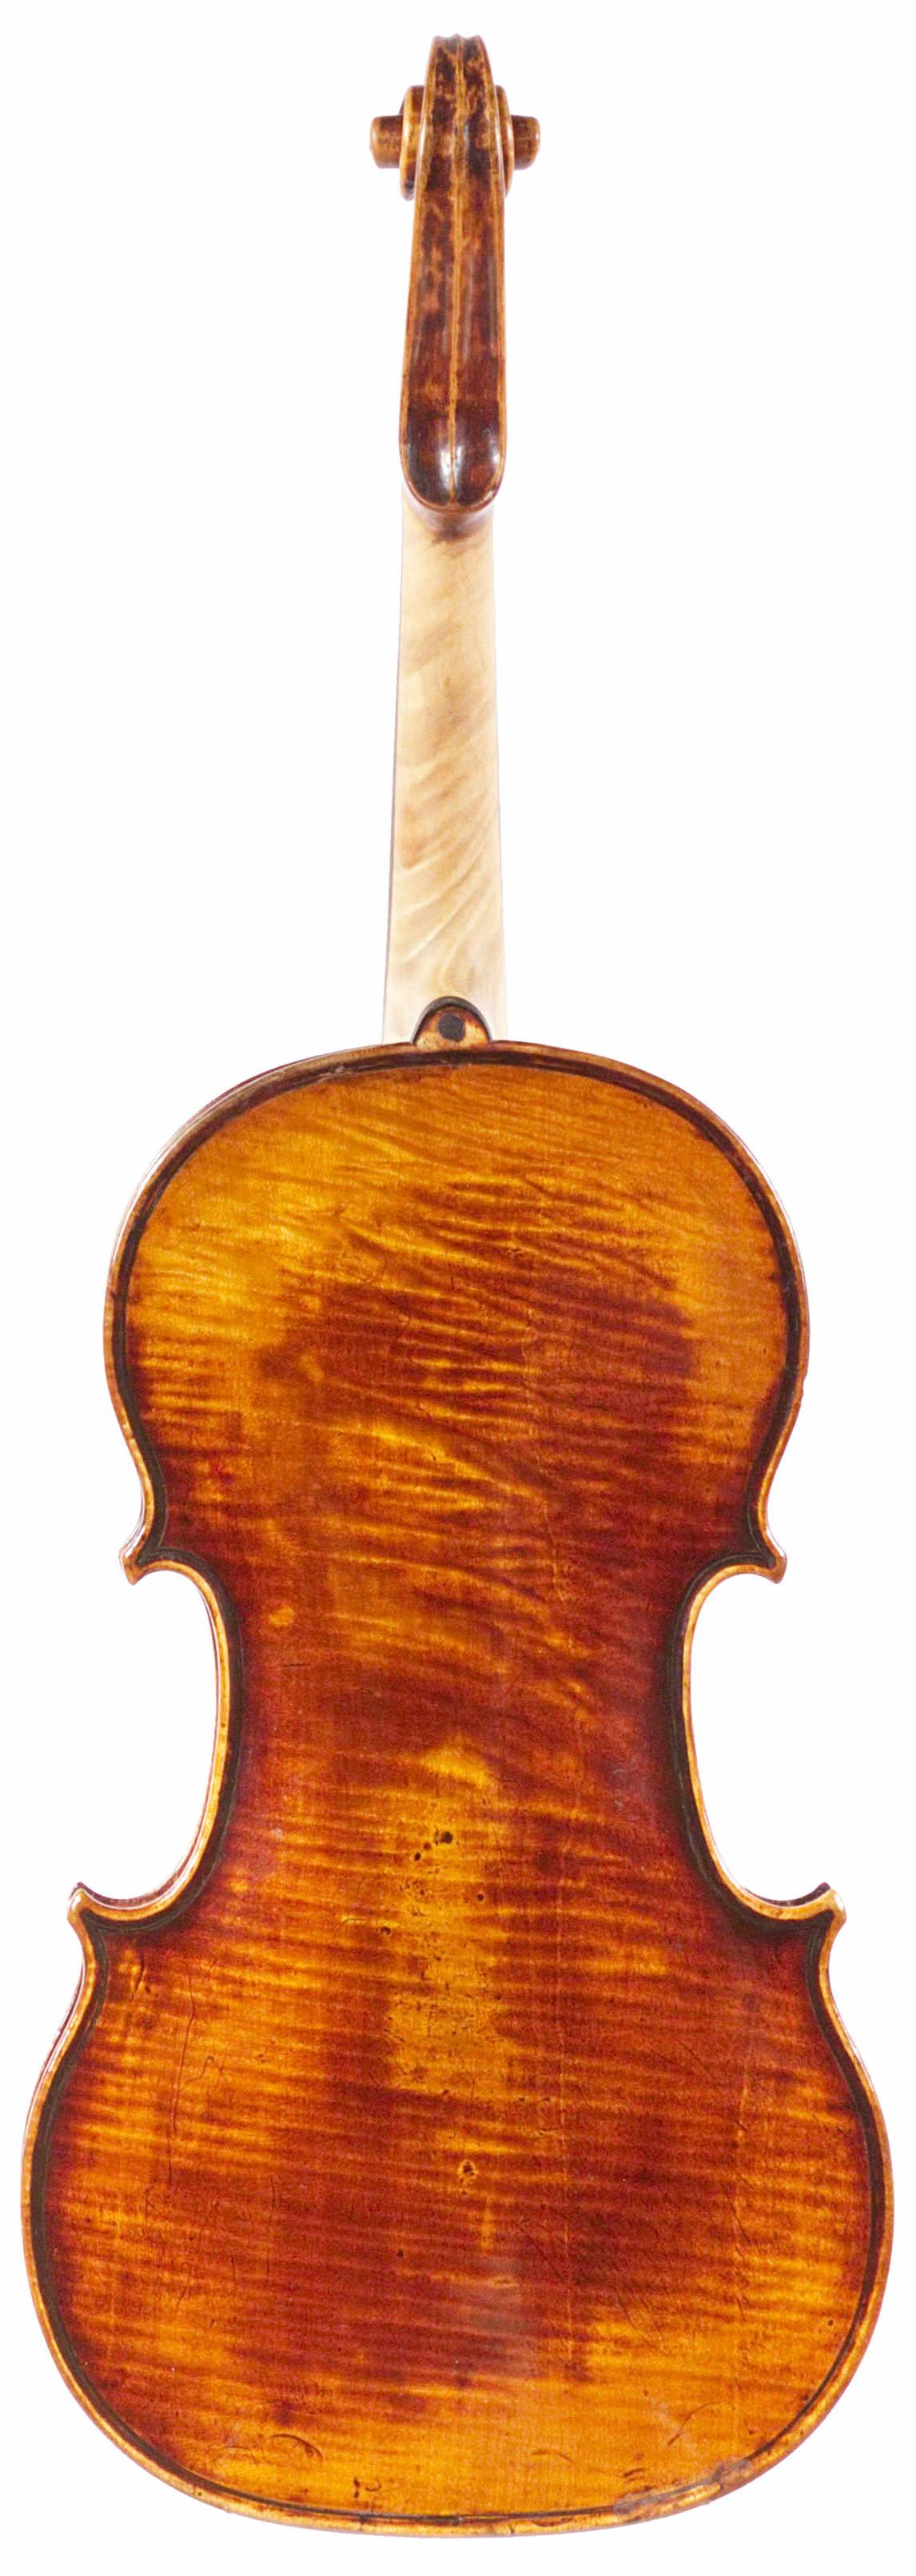 D. Nicolas violin